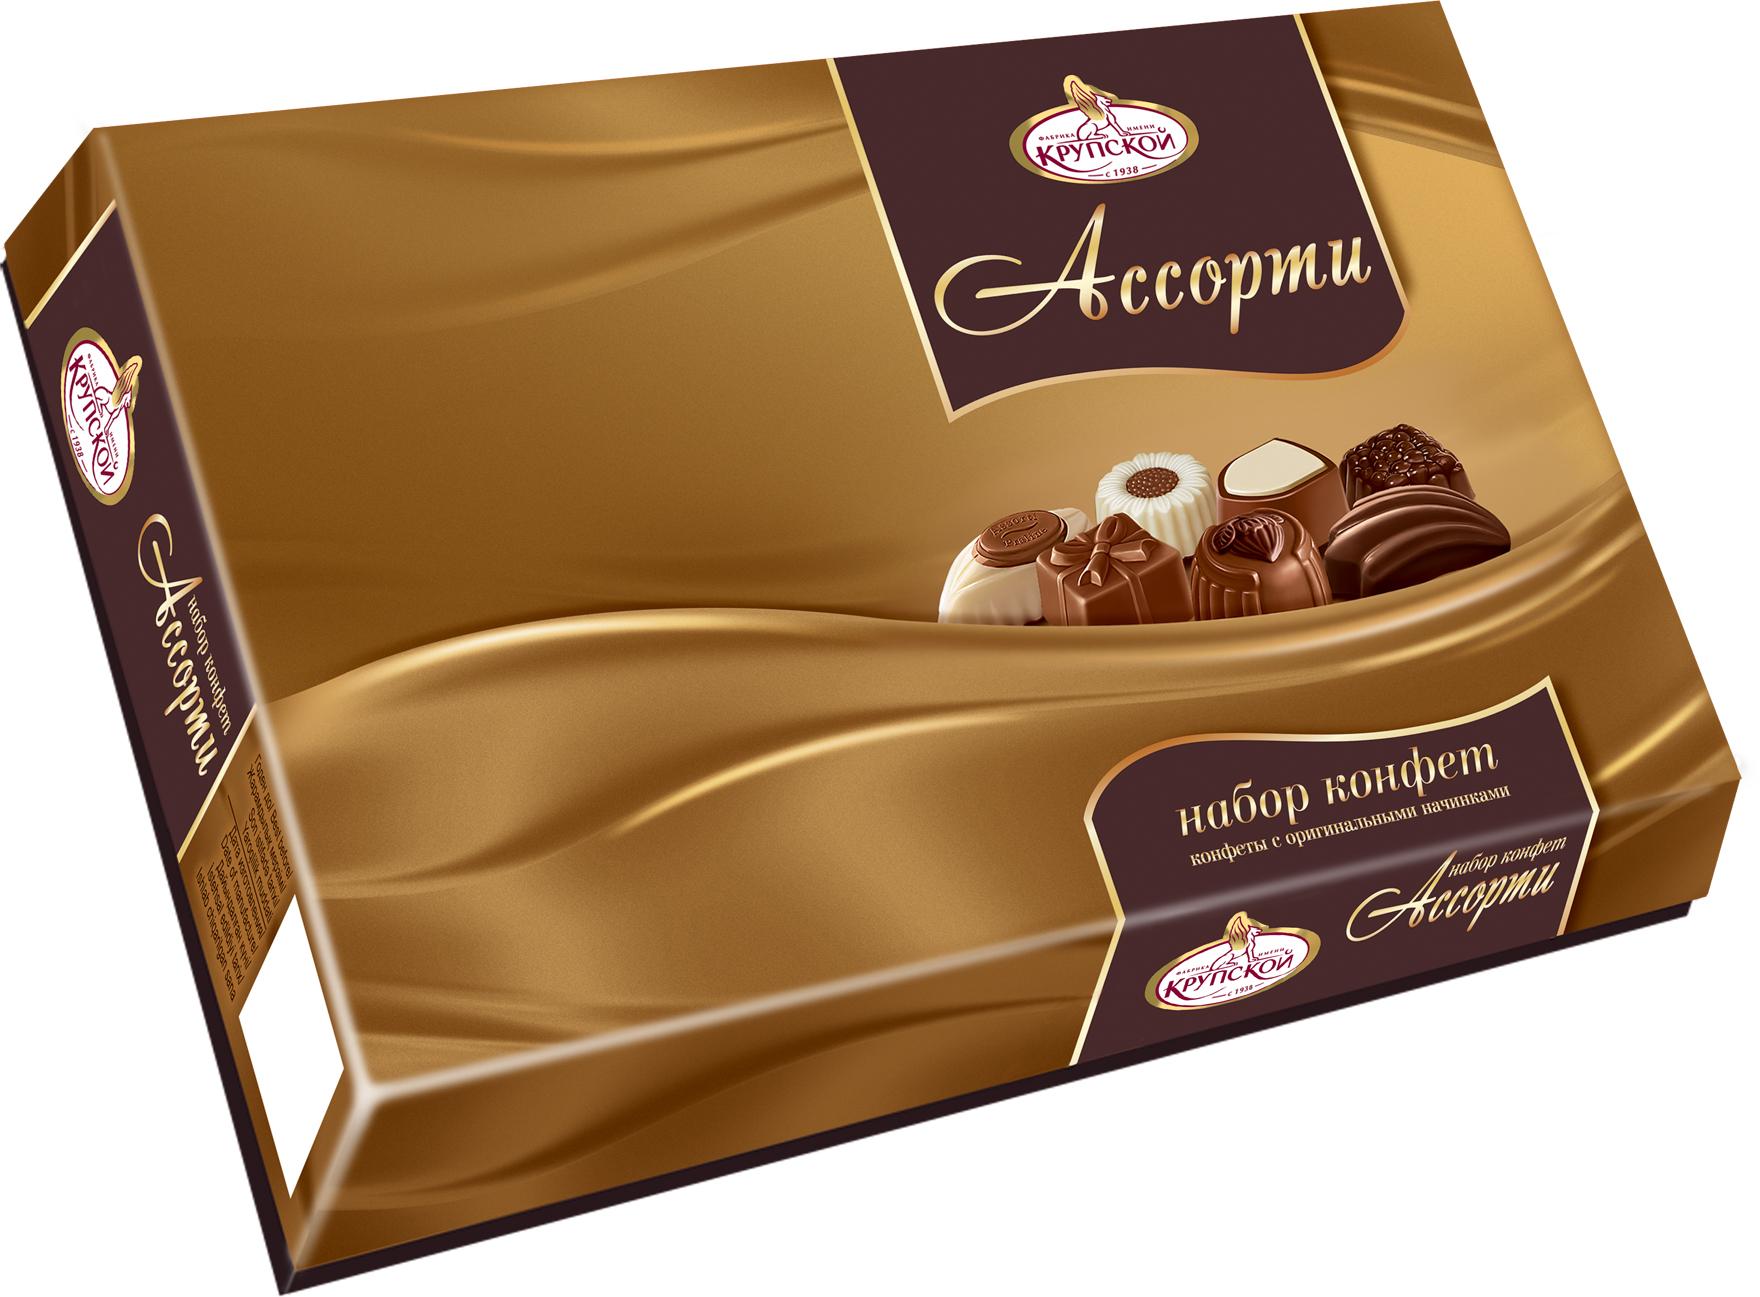 Фабрика имени Крупской Ассорти набор конфет, 369 г20084Набор конфет с различными начинками. Богатство вкусов, тщательно подобранных под самые изысканные предпочтения.